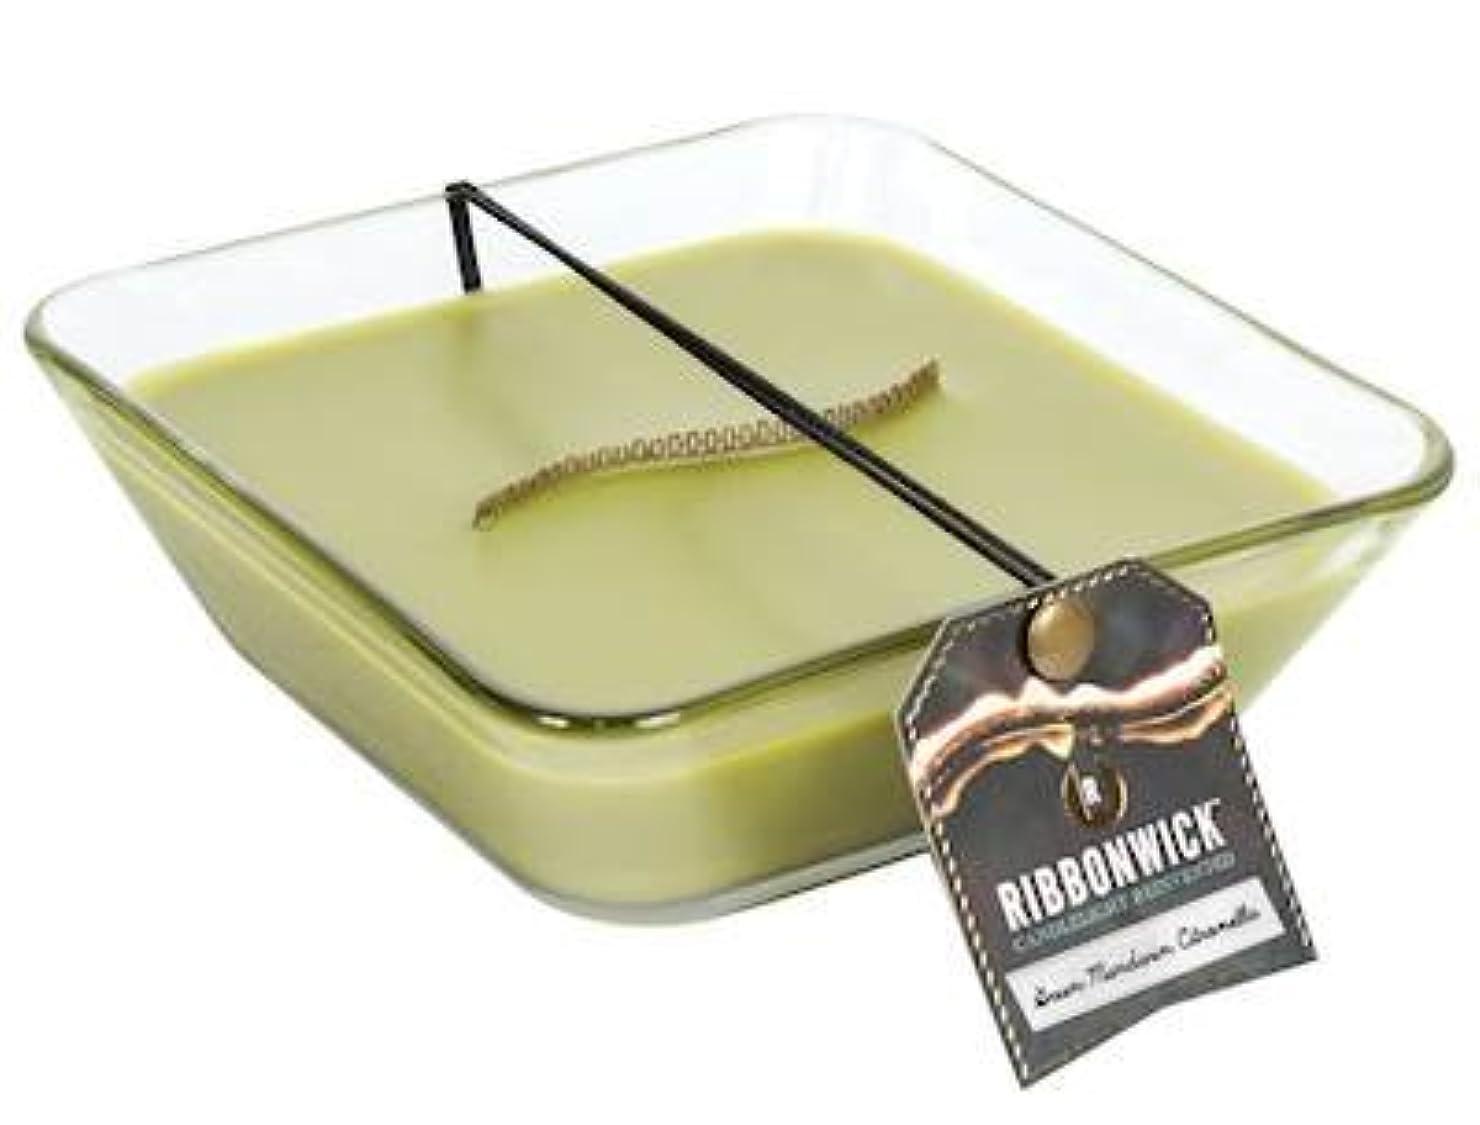 キャッチ罪悪感合法グリーンマンダリンシトロネラ装飾ガラスMedium RibbonWick Scented Candle – アウトドアコレクション